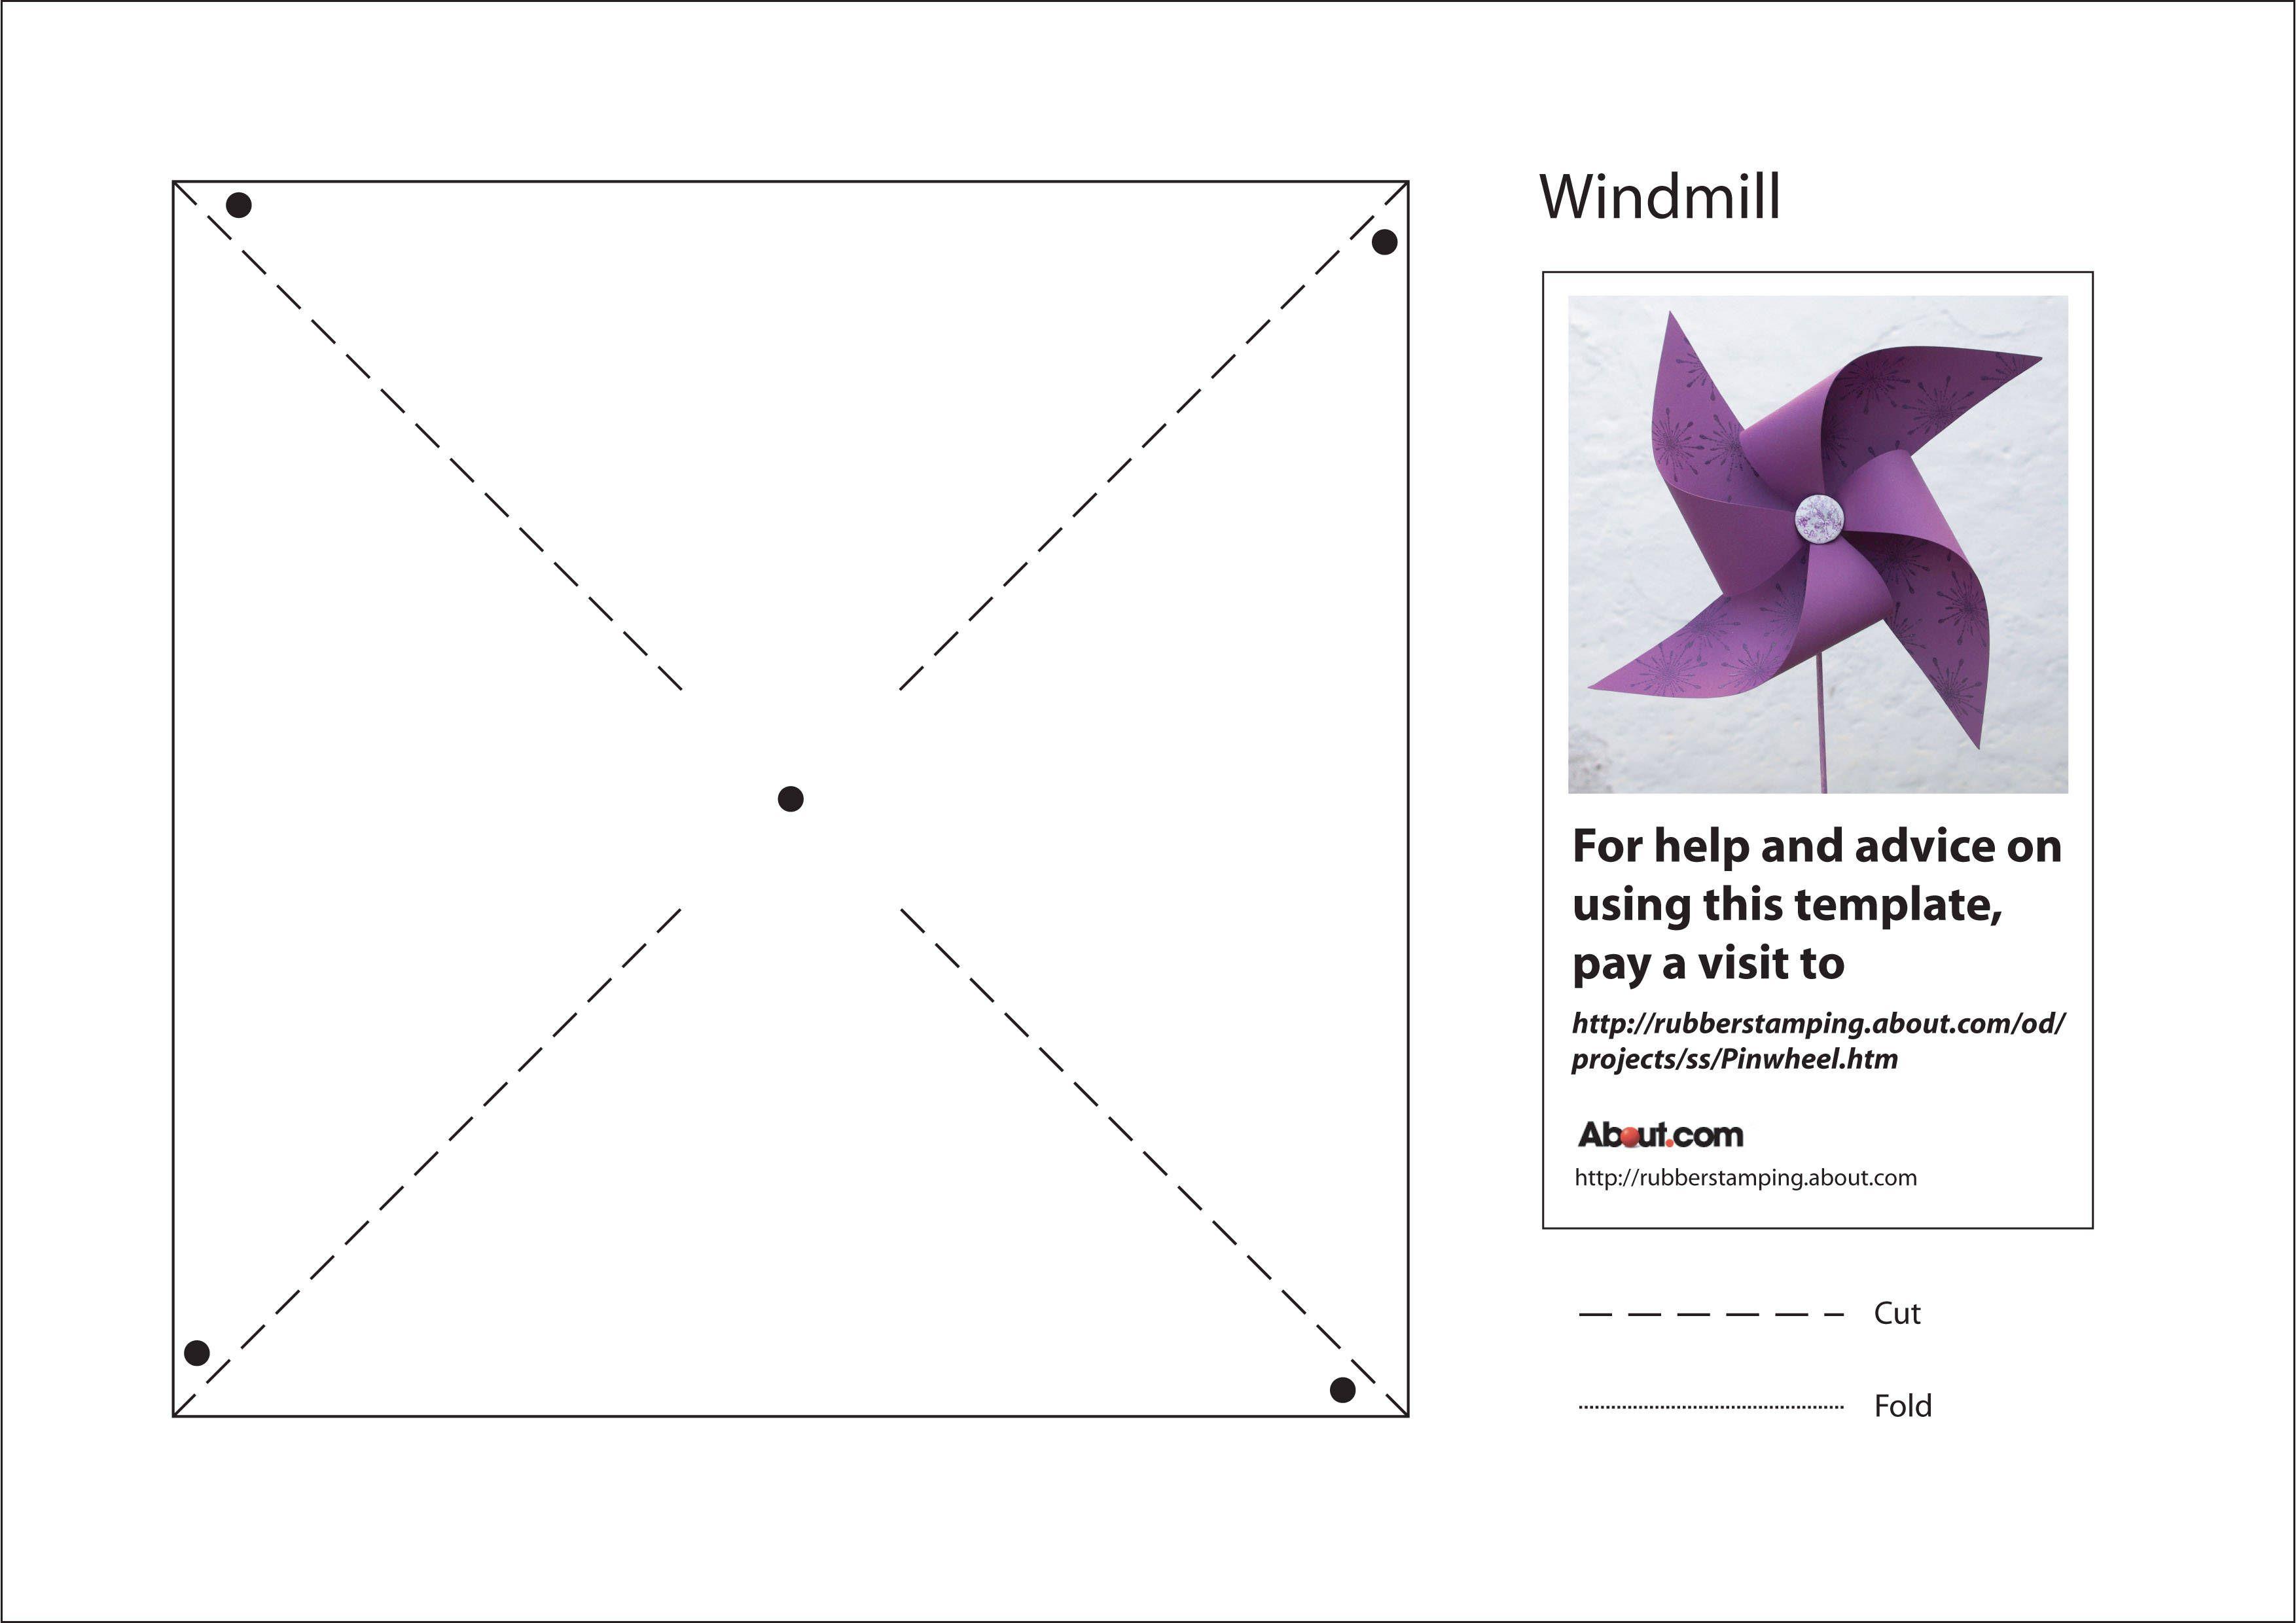 Making A Simple Diy Paper Pinwheel